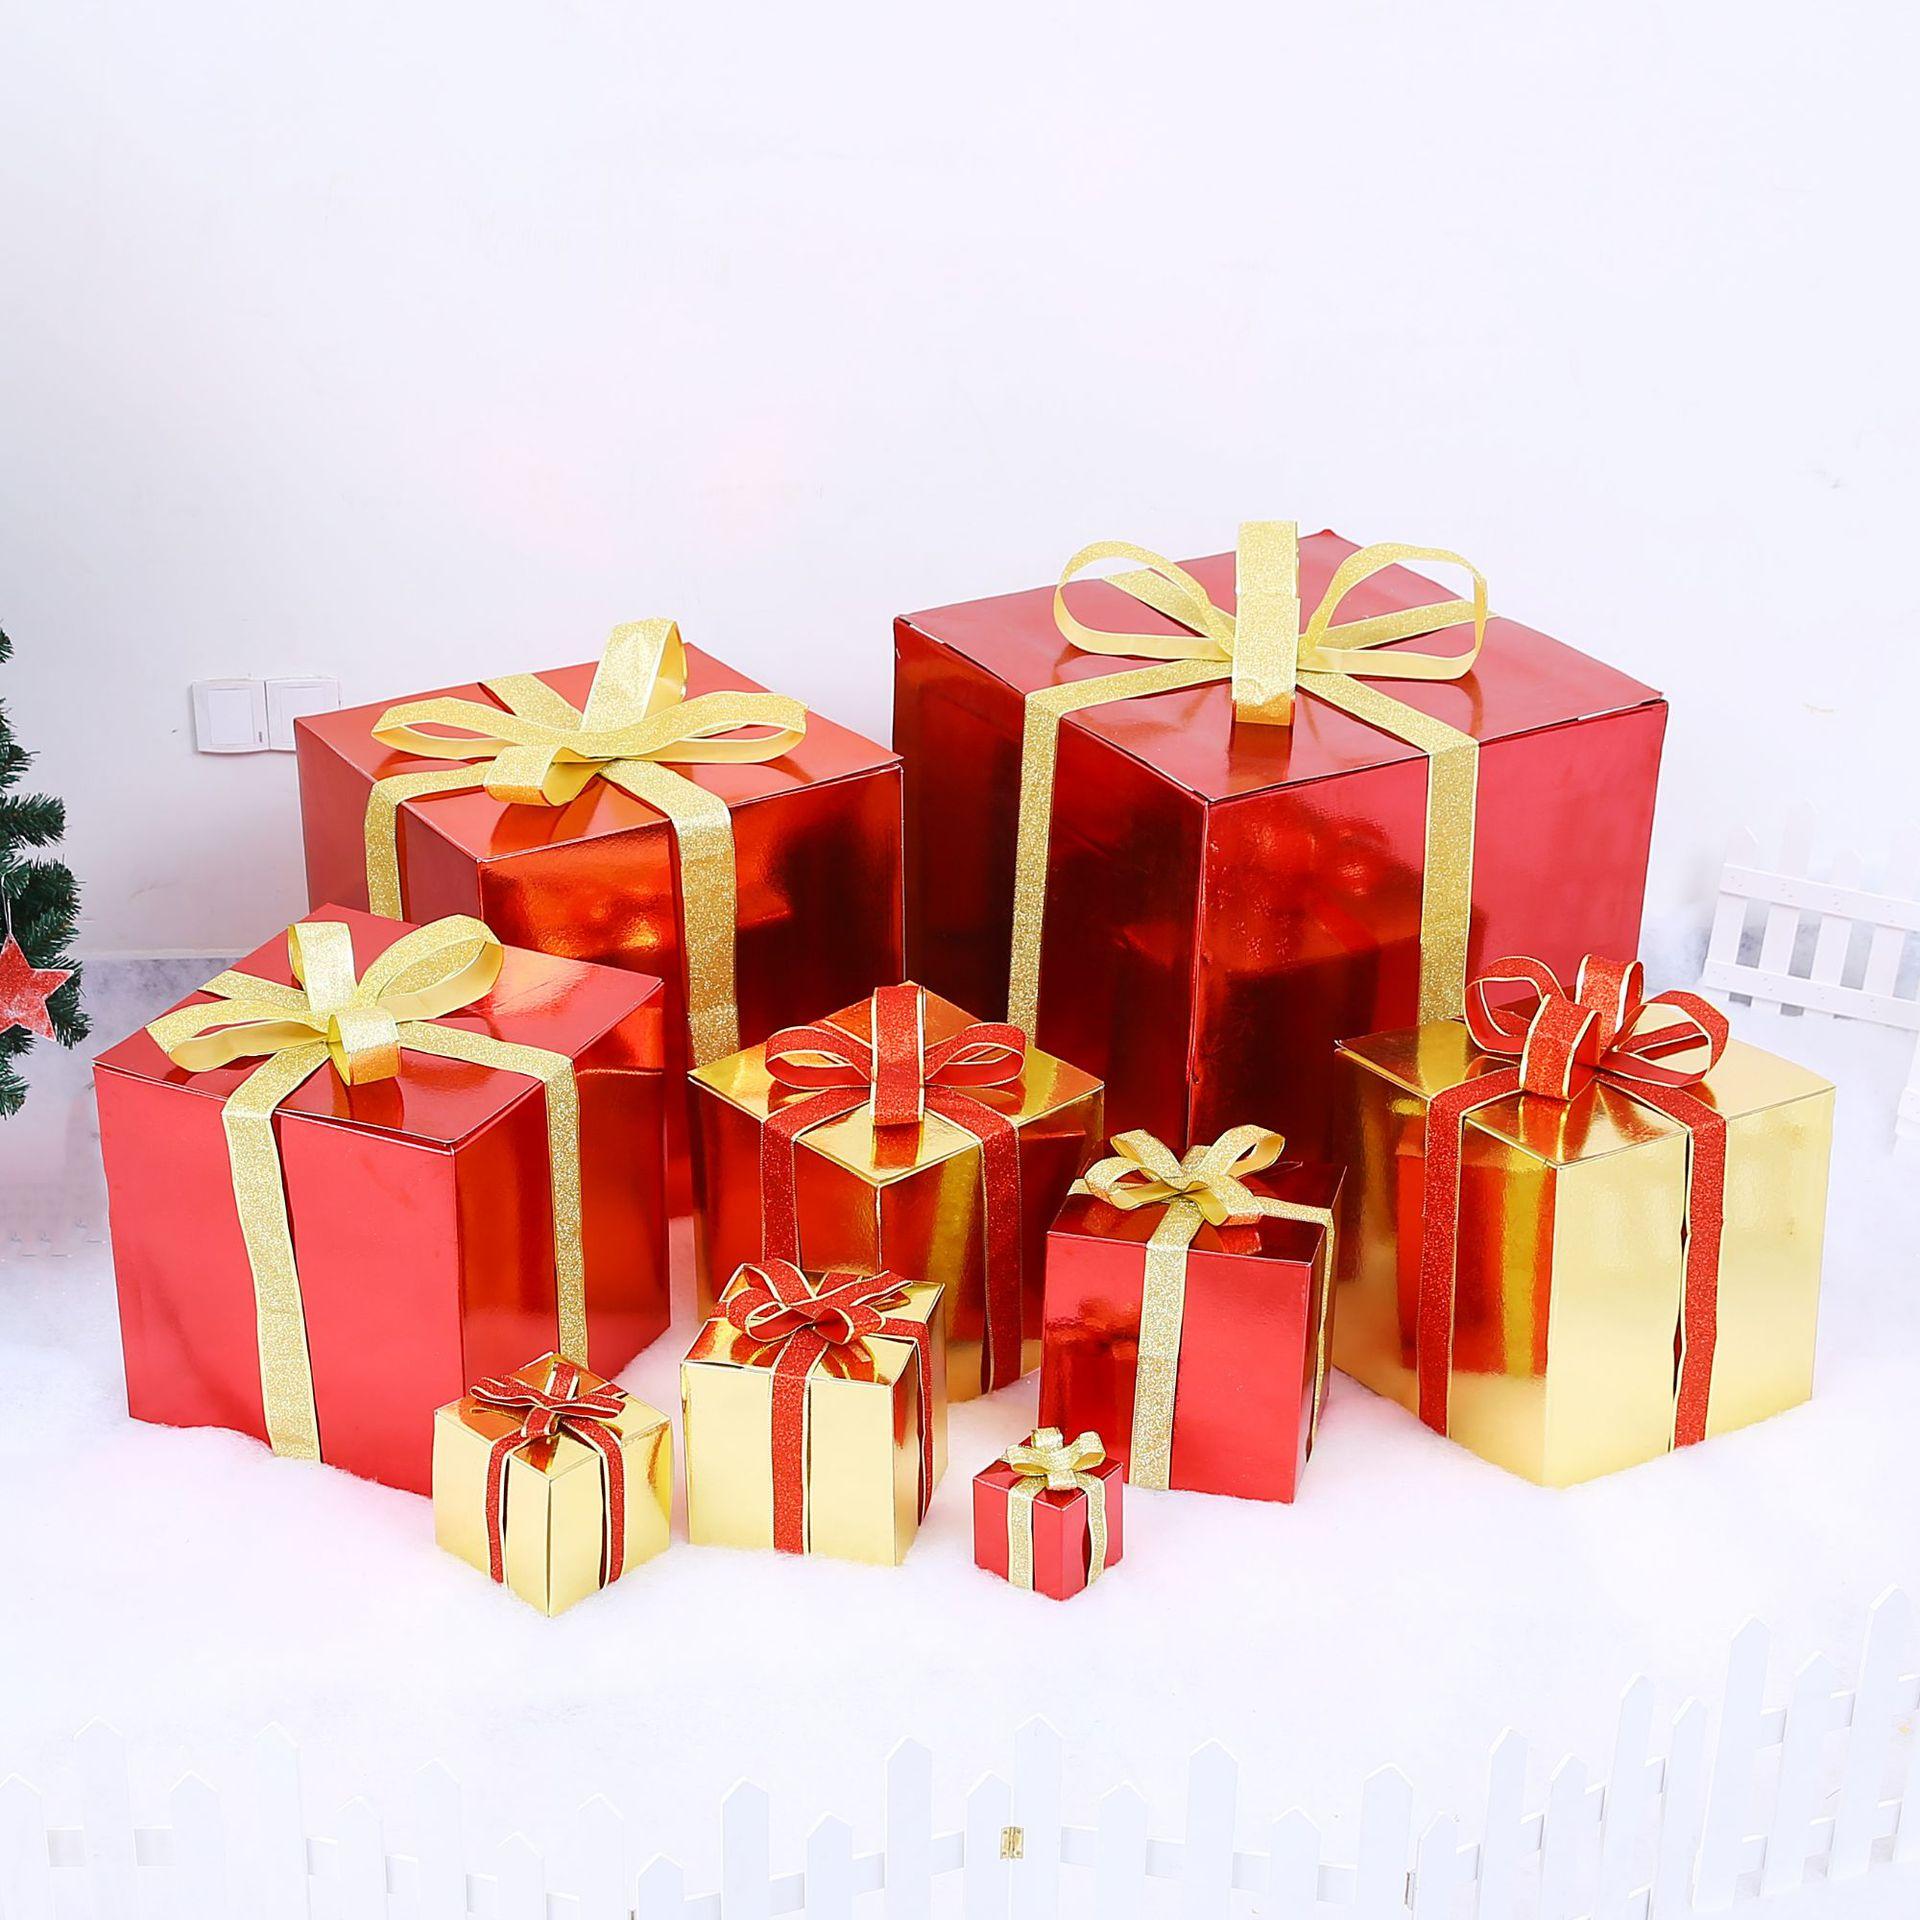 NLSX bao bì Hộp quà Giáng sinh Hộp quà trang trí Giáng sinh Cửa hàng Giáng sinh cung cấp cửa sổ cảnh